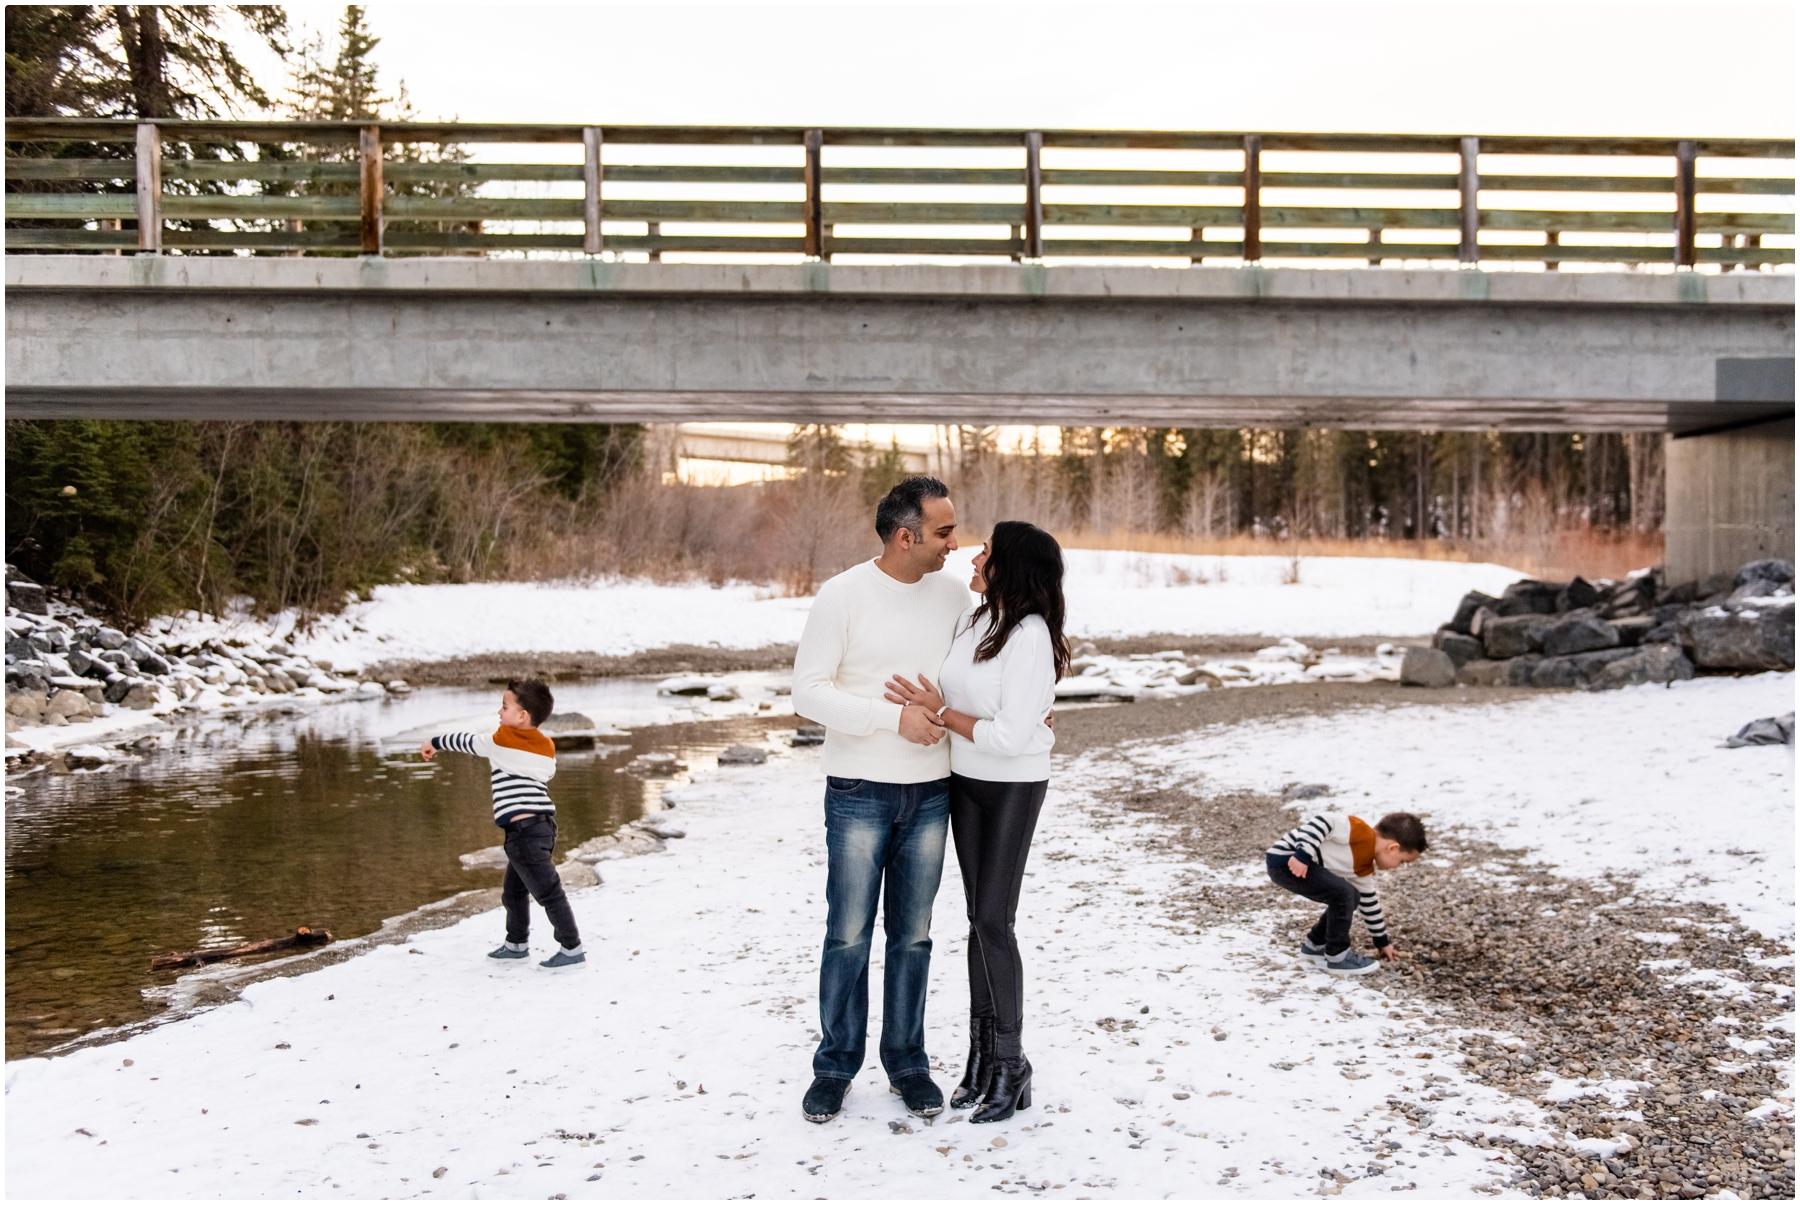 Calgary Family PhotographersCalgary Family Photographers